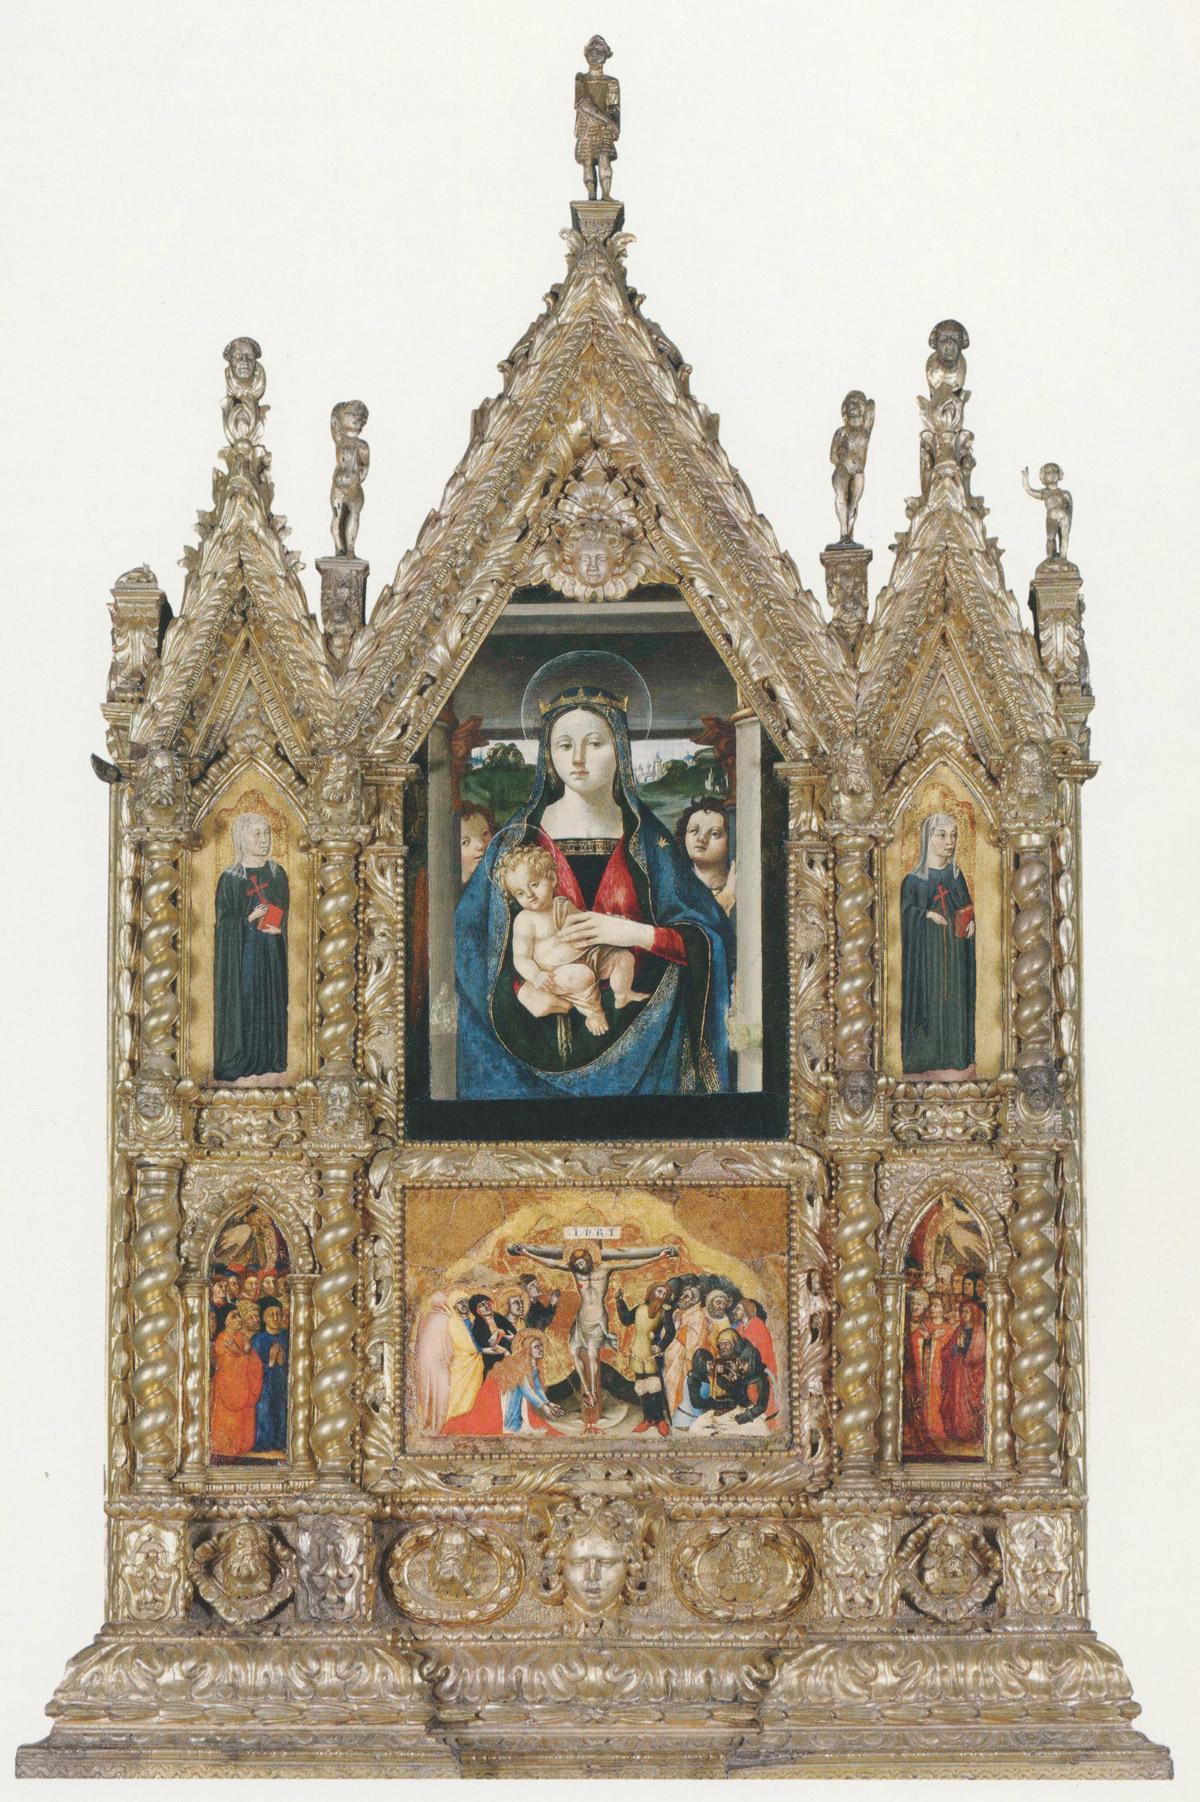 10. Polittico, composizione di elementi di età diverse (Lione, Cappella del Collegio dei Gesuiti - Centro San Marco)